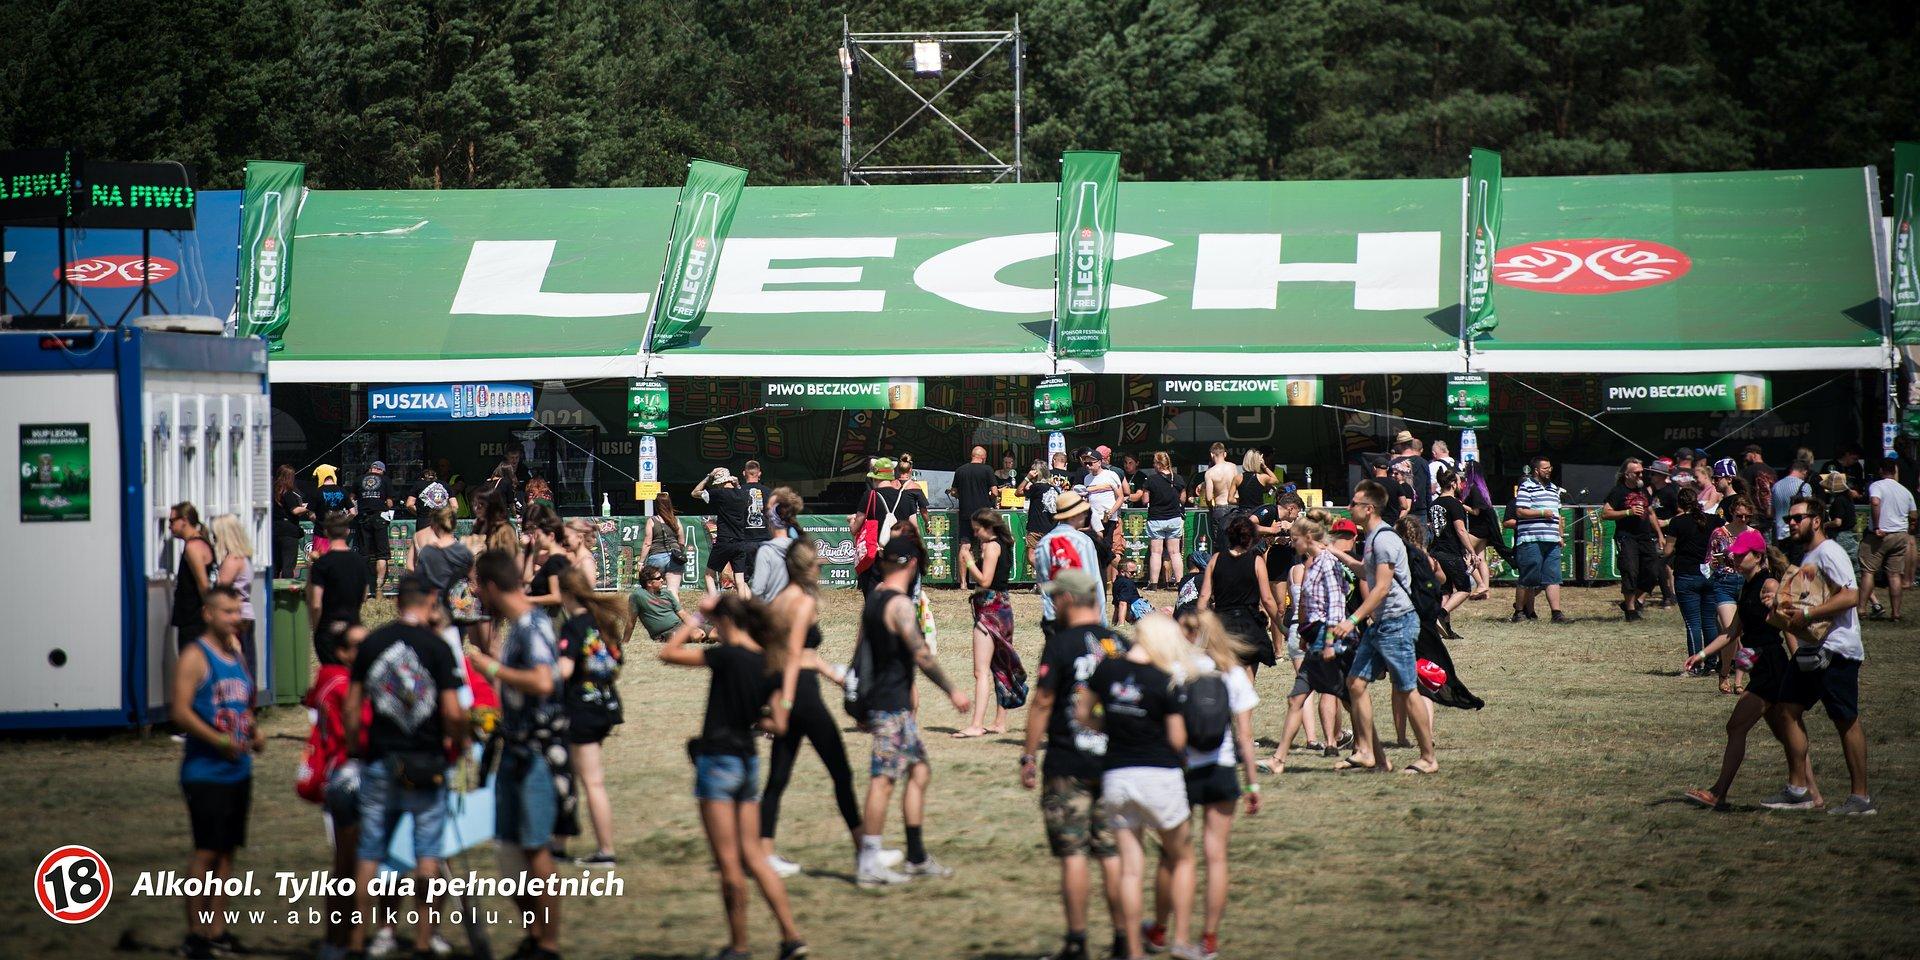 Lech wraz ze specjalną strefą powrócił na Pol'and'Rock Festival